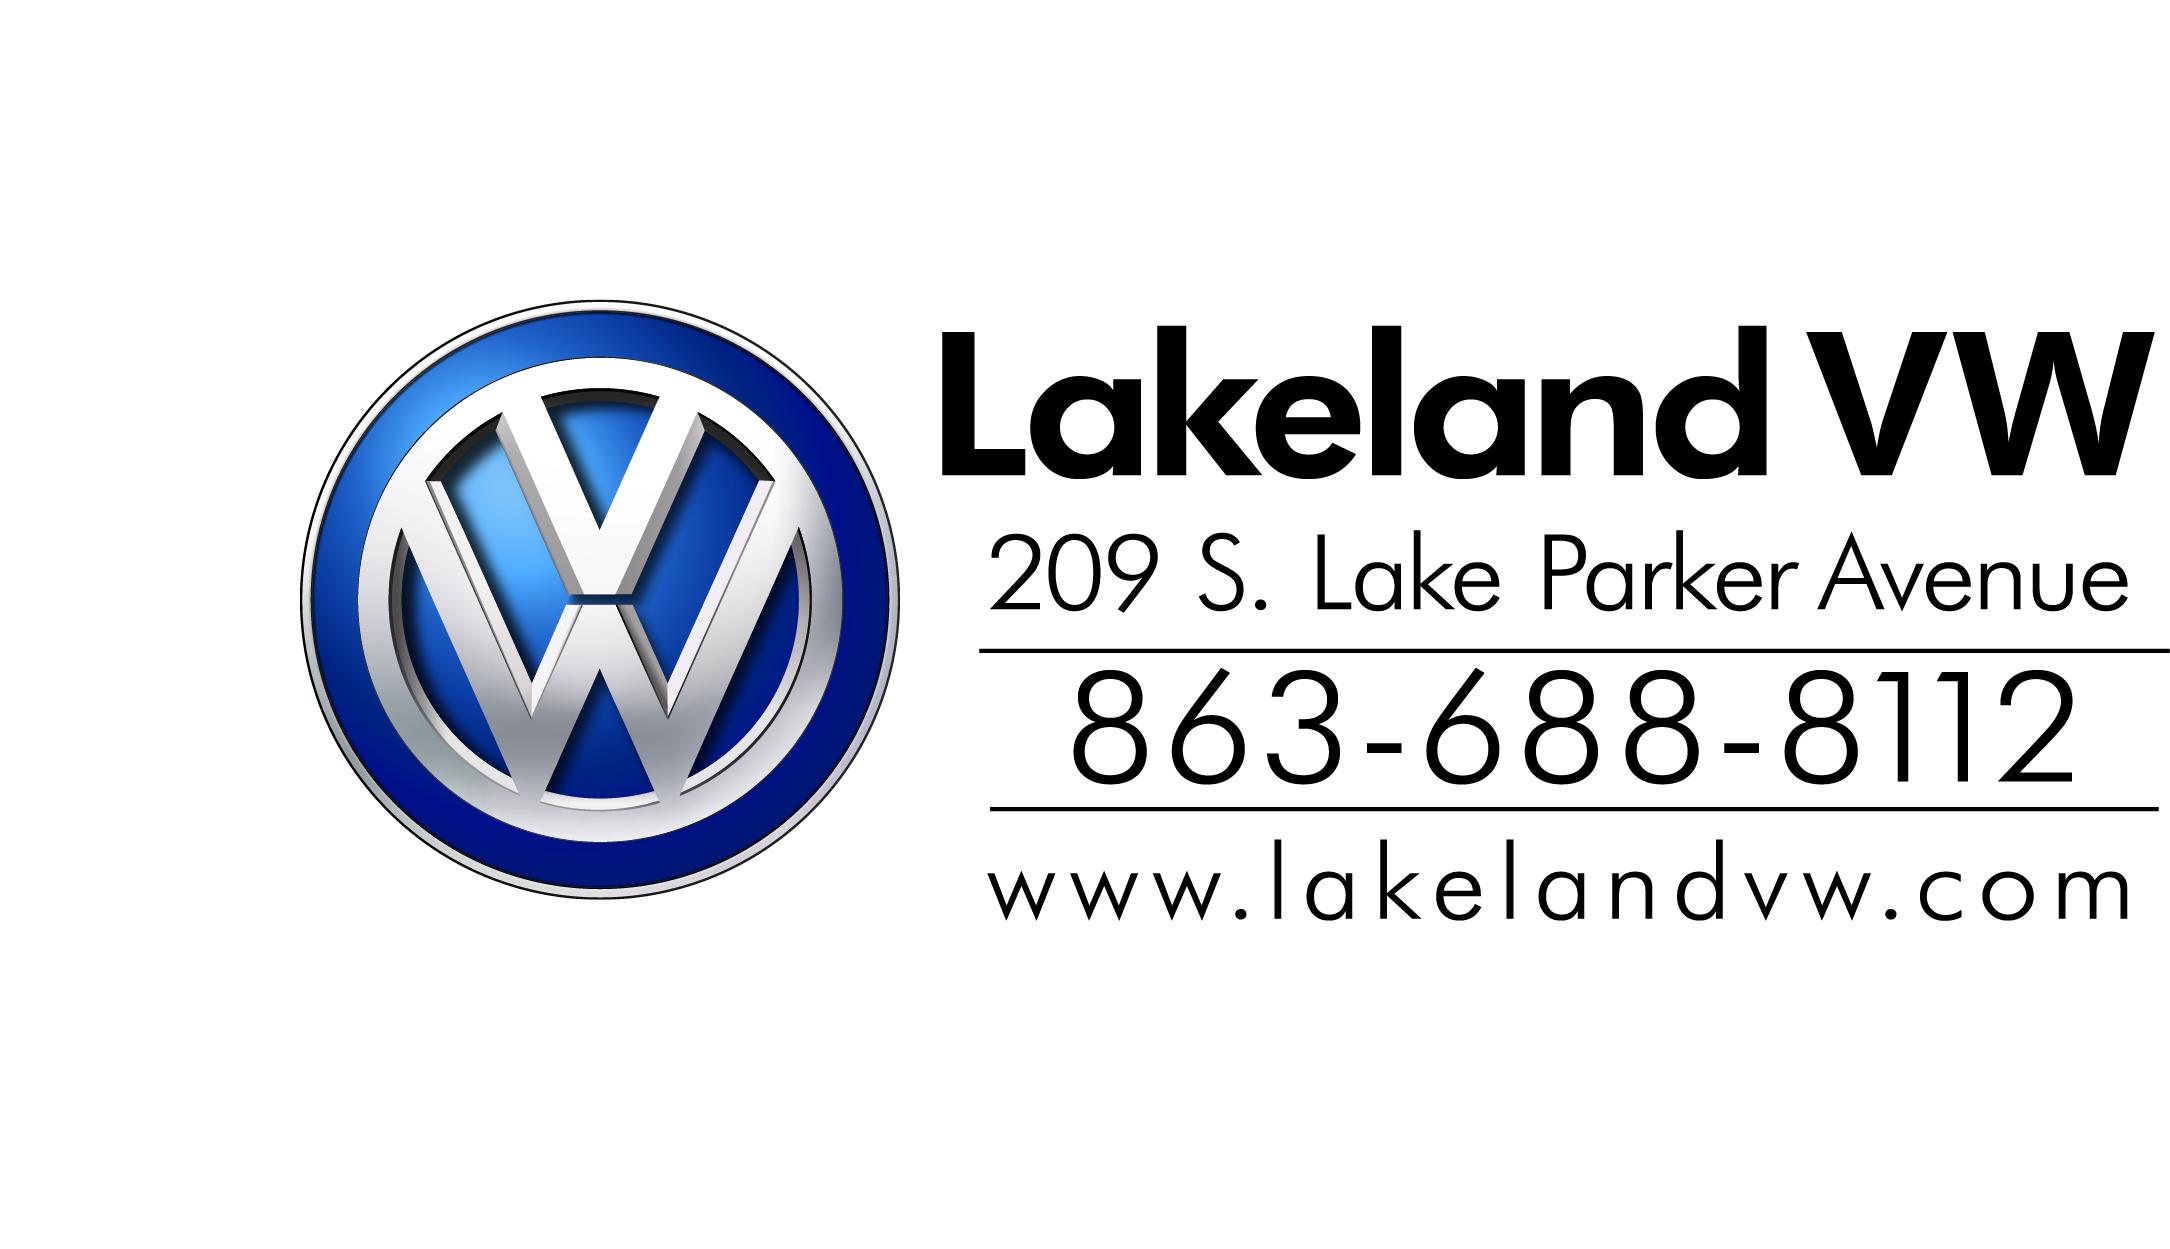 Lakeland VW logo 0315 - Central Florida Sch & Hearing Center